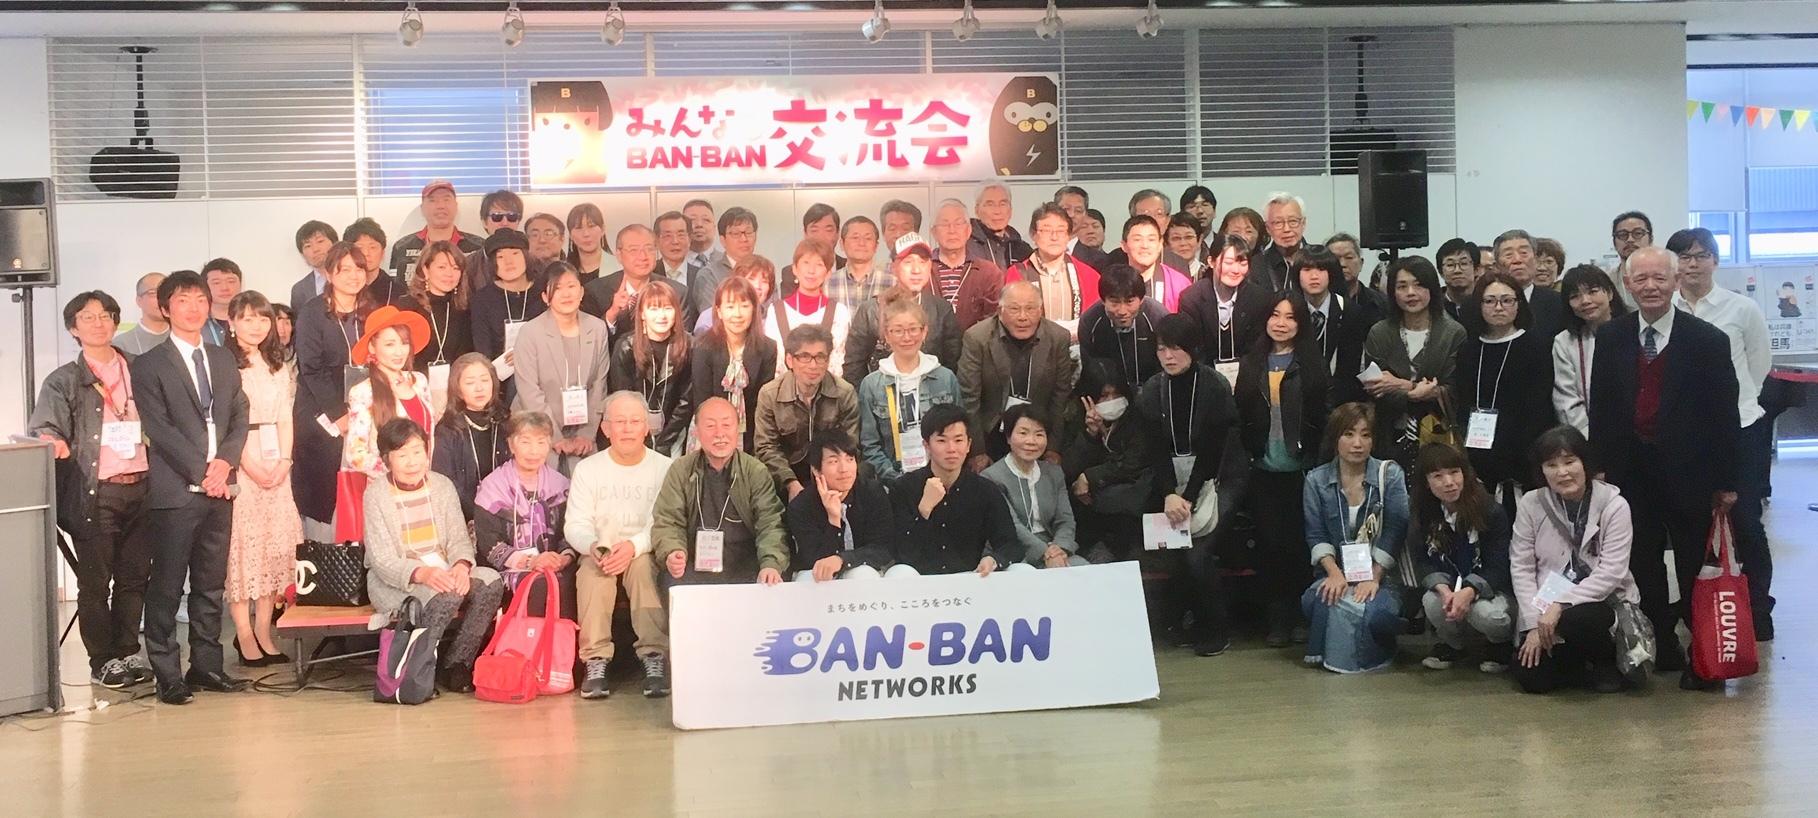 BAN-BANネットワークス株式会社様の画像